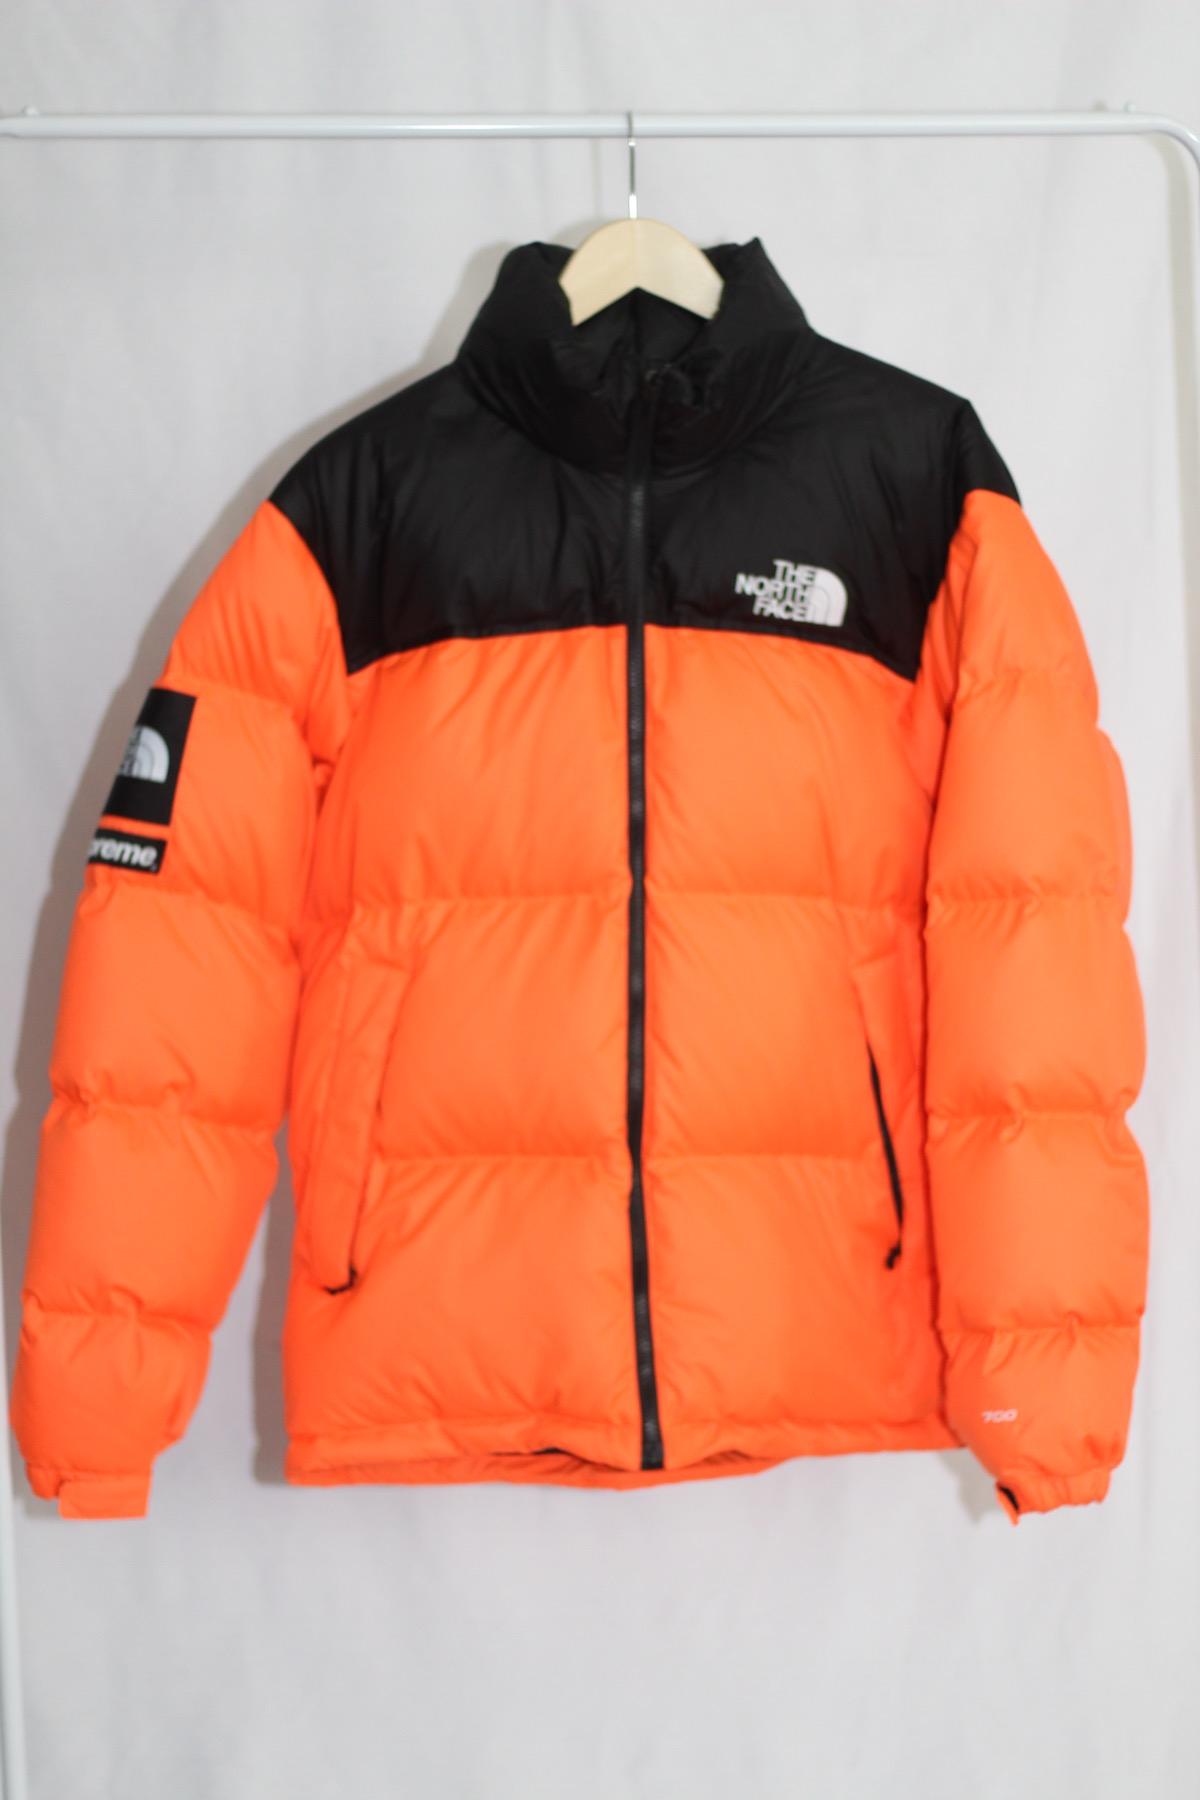 Supreme Supreme x The North Face Nuptse 700 Power Orange Puffer Size l -  Heavy Coats for Sale - Grailed 87ced597e